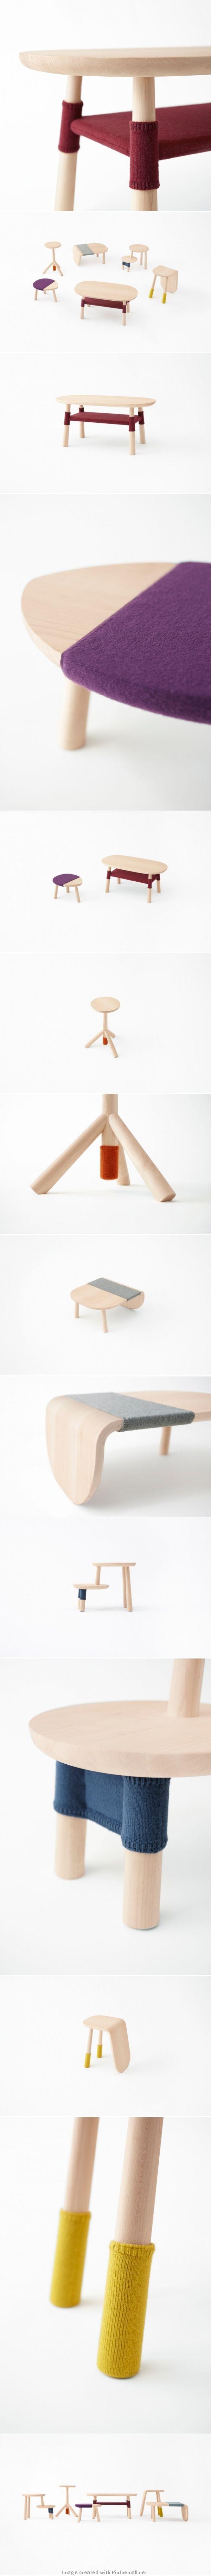 Nendo bases furniture for Walt Disney Japan